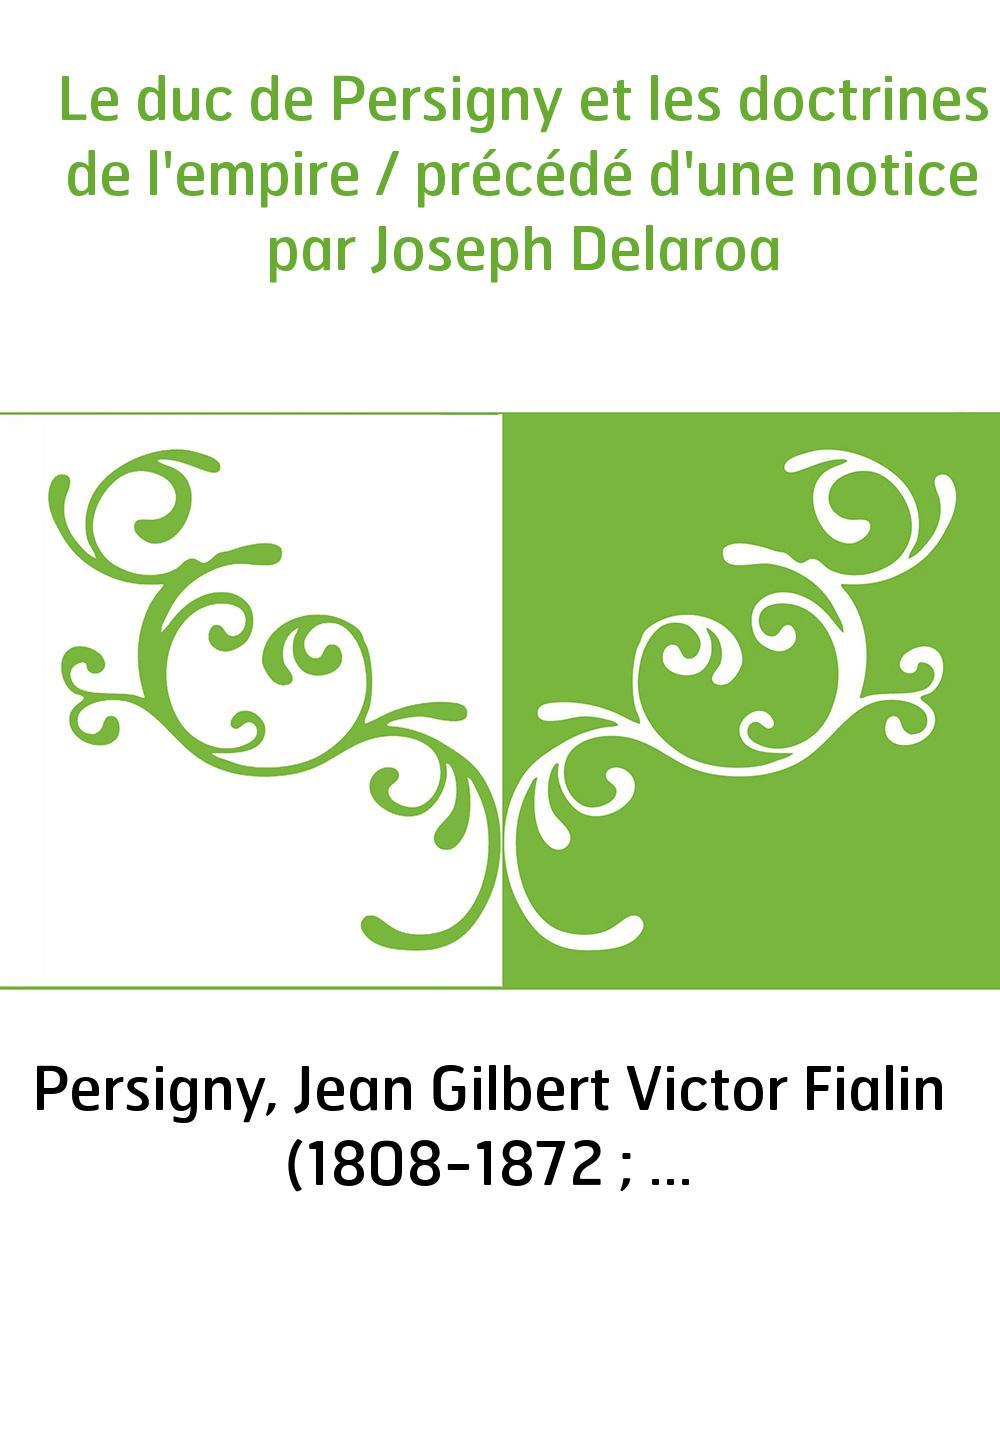 Le duc de Persigny et les doctrines de l'empire / précédé d'une notice par Joseph Delaroa